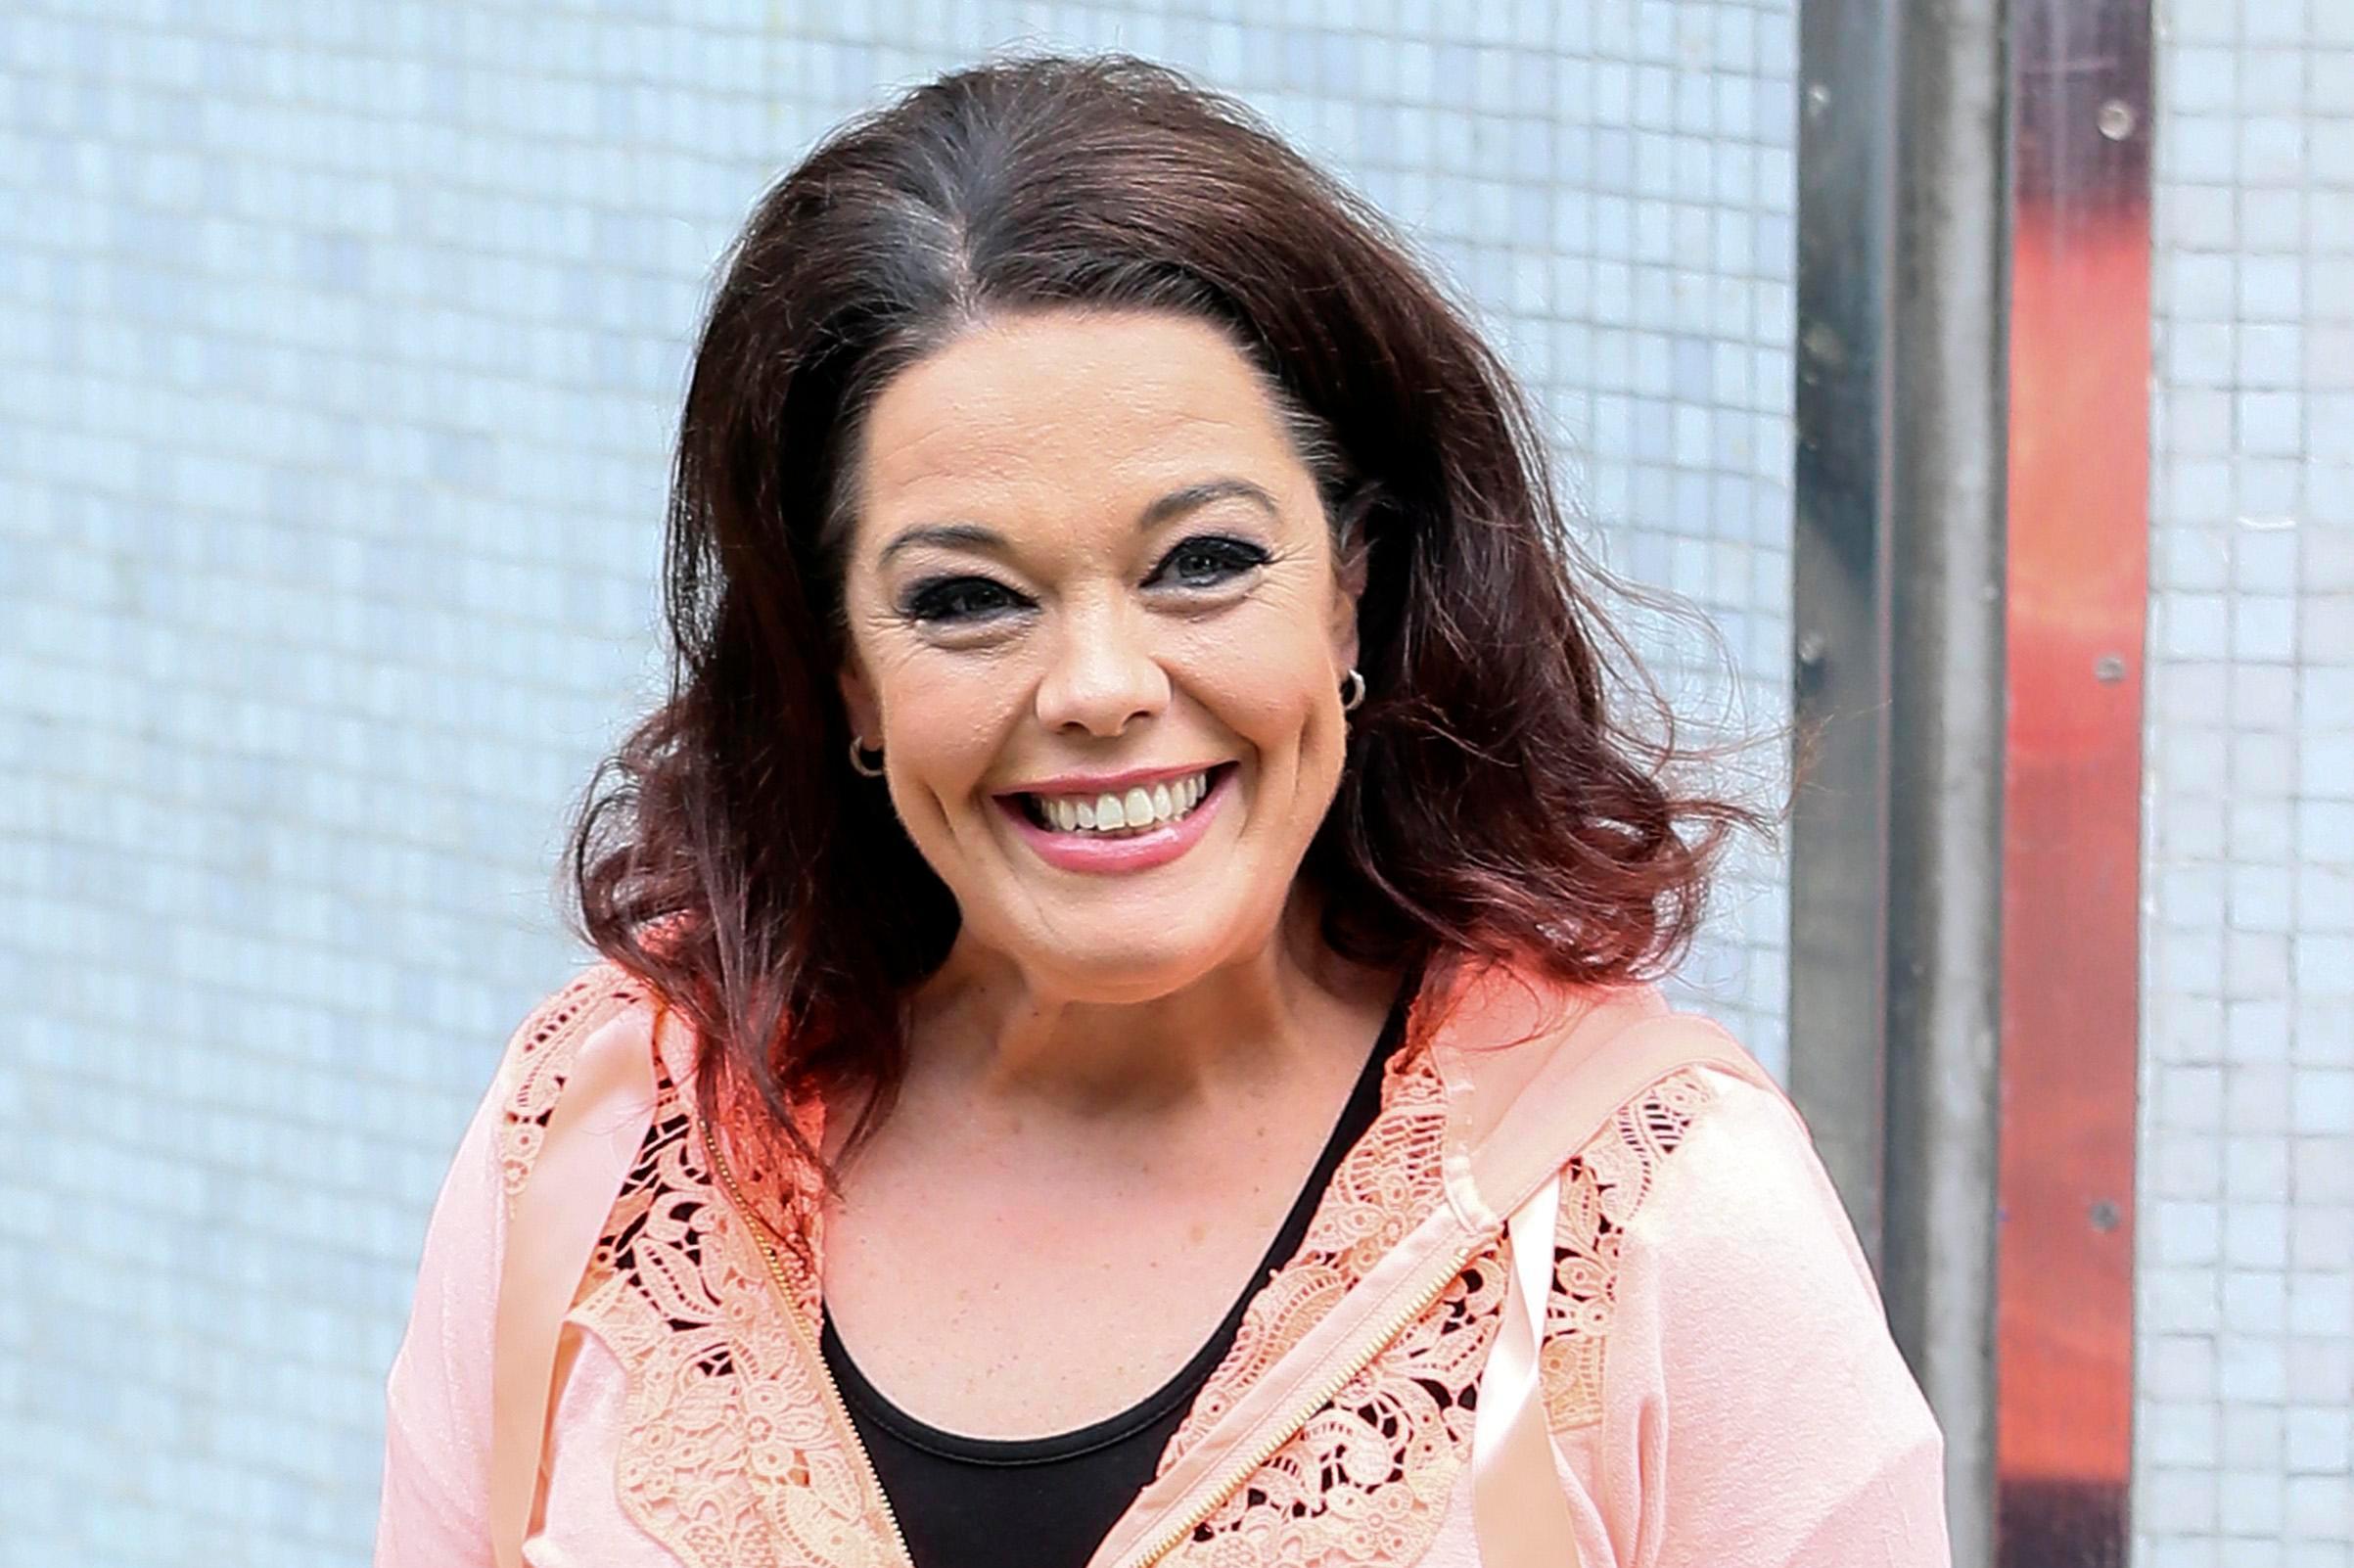 Lisa Riley reveals how she overcame crippling panic attacks for Emmerdale comeback